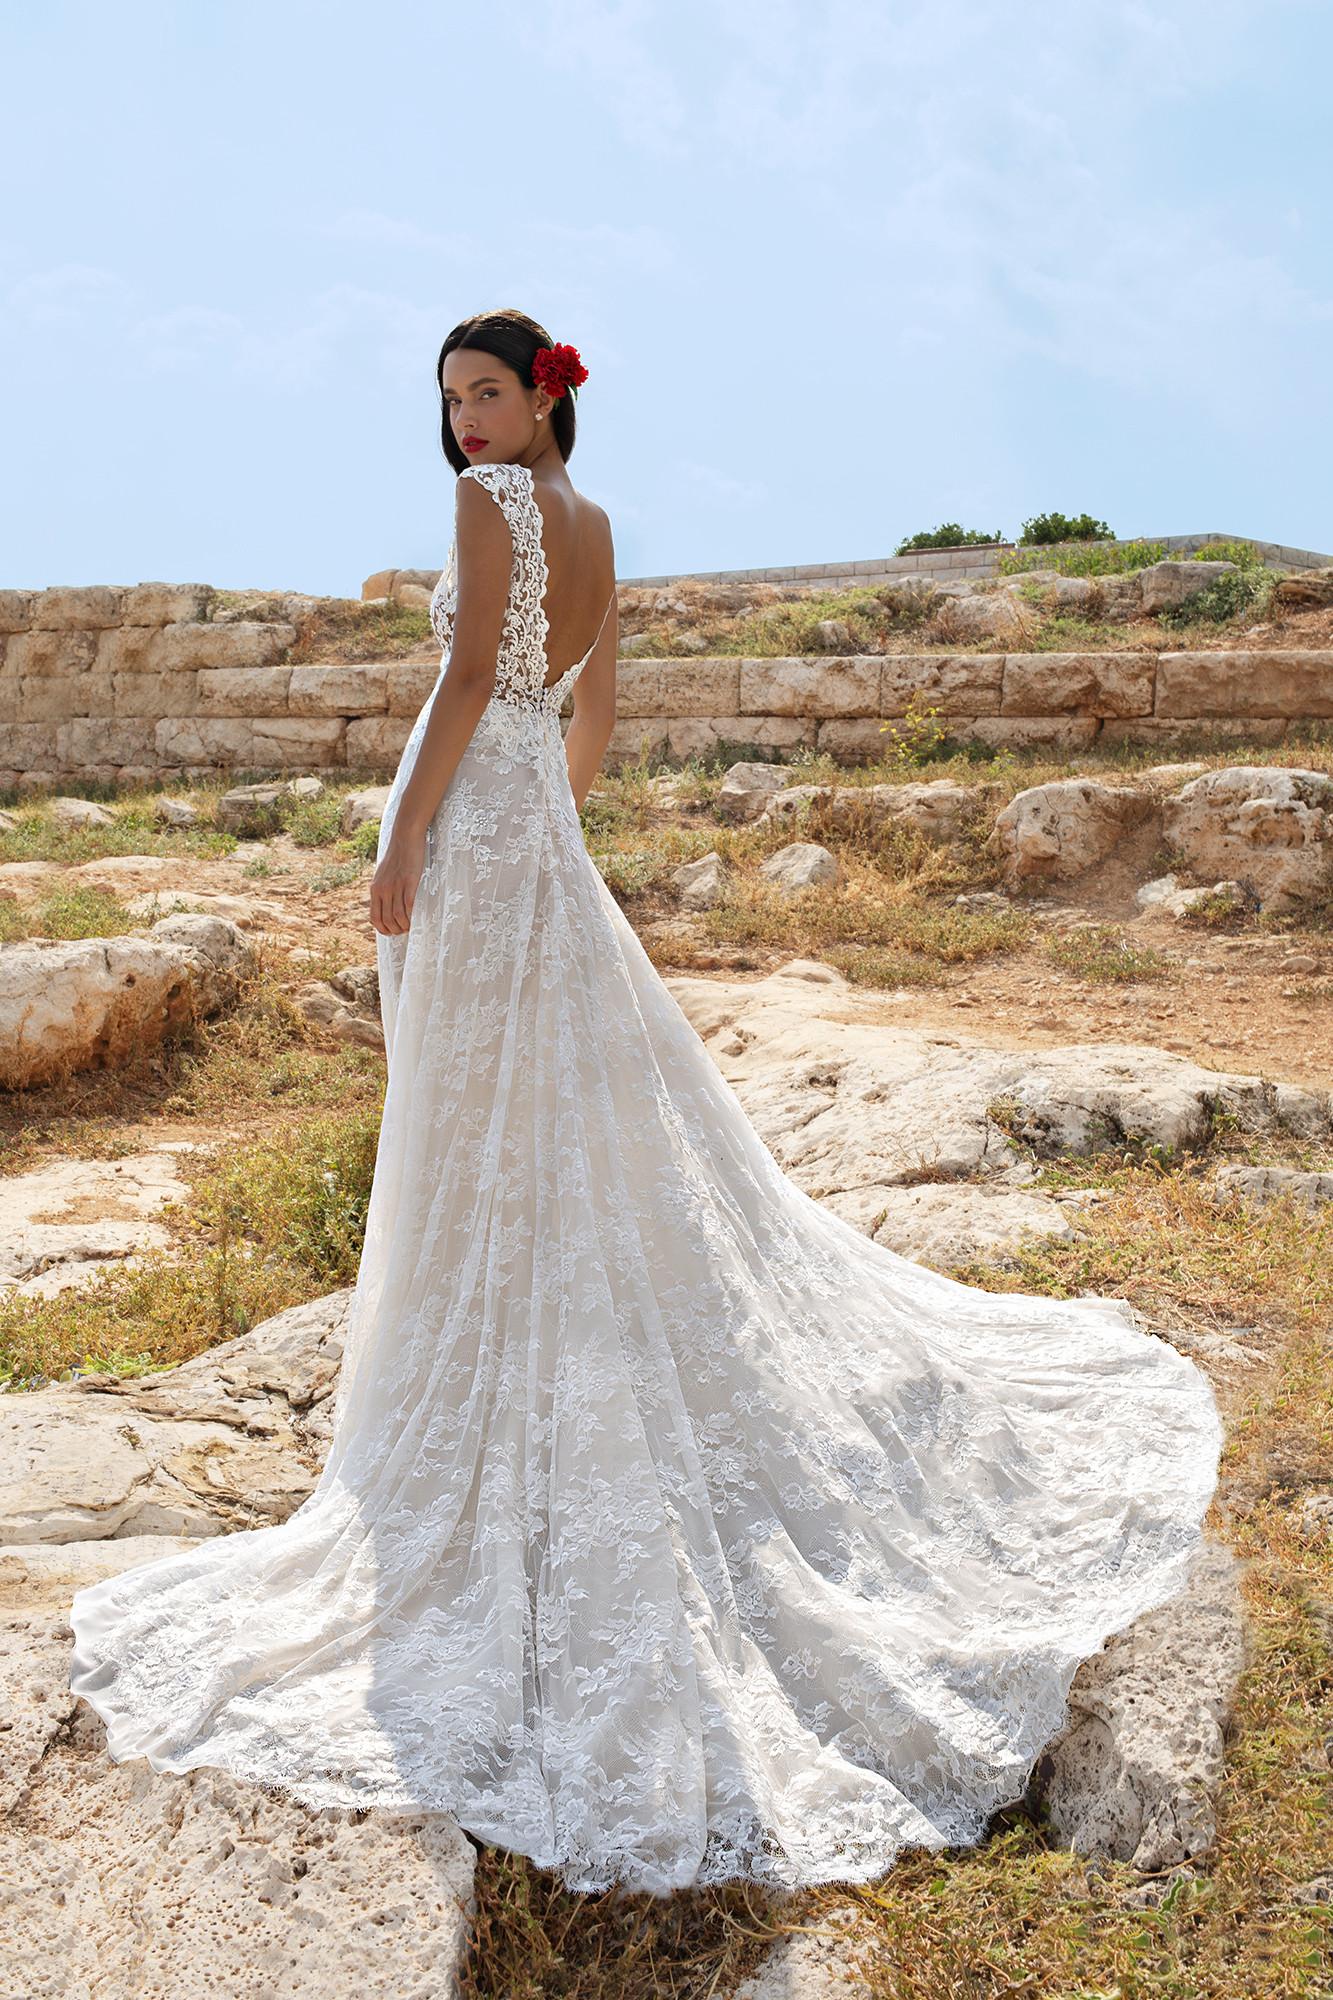 Wedding Dresses by Demetrios   20   Weddingwire.ca